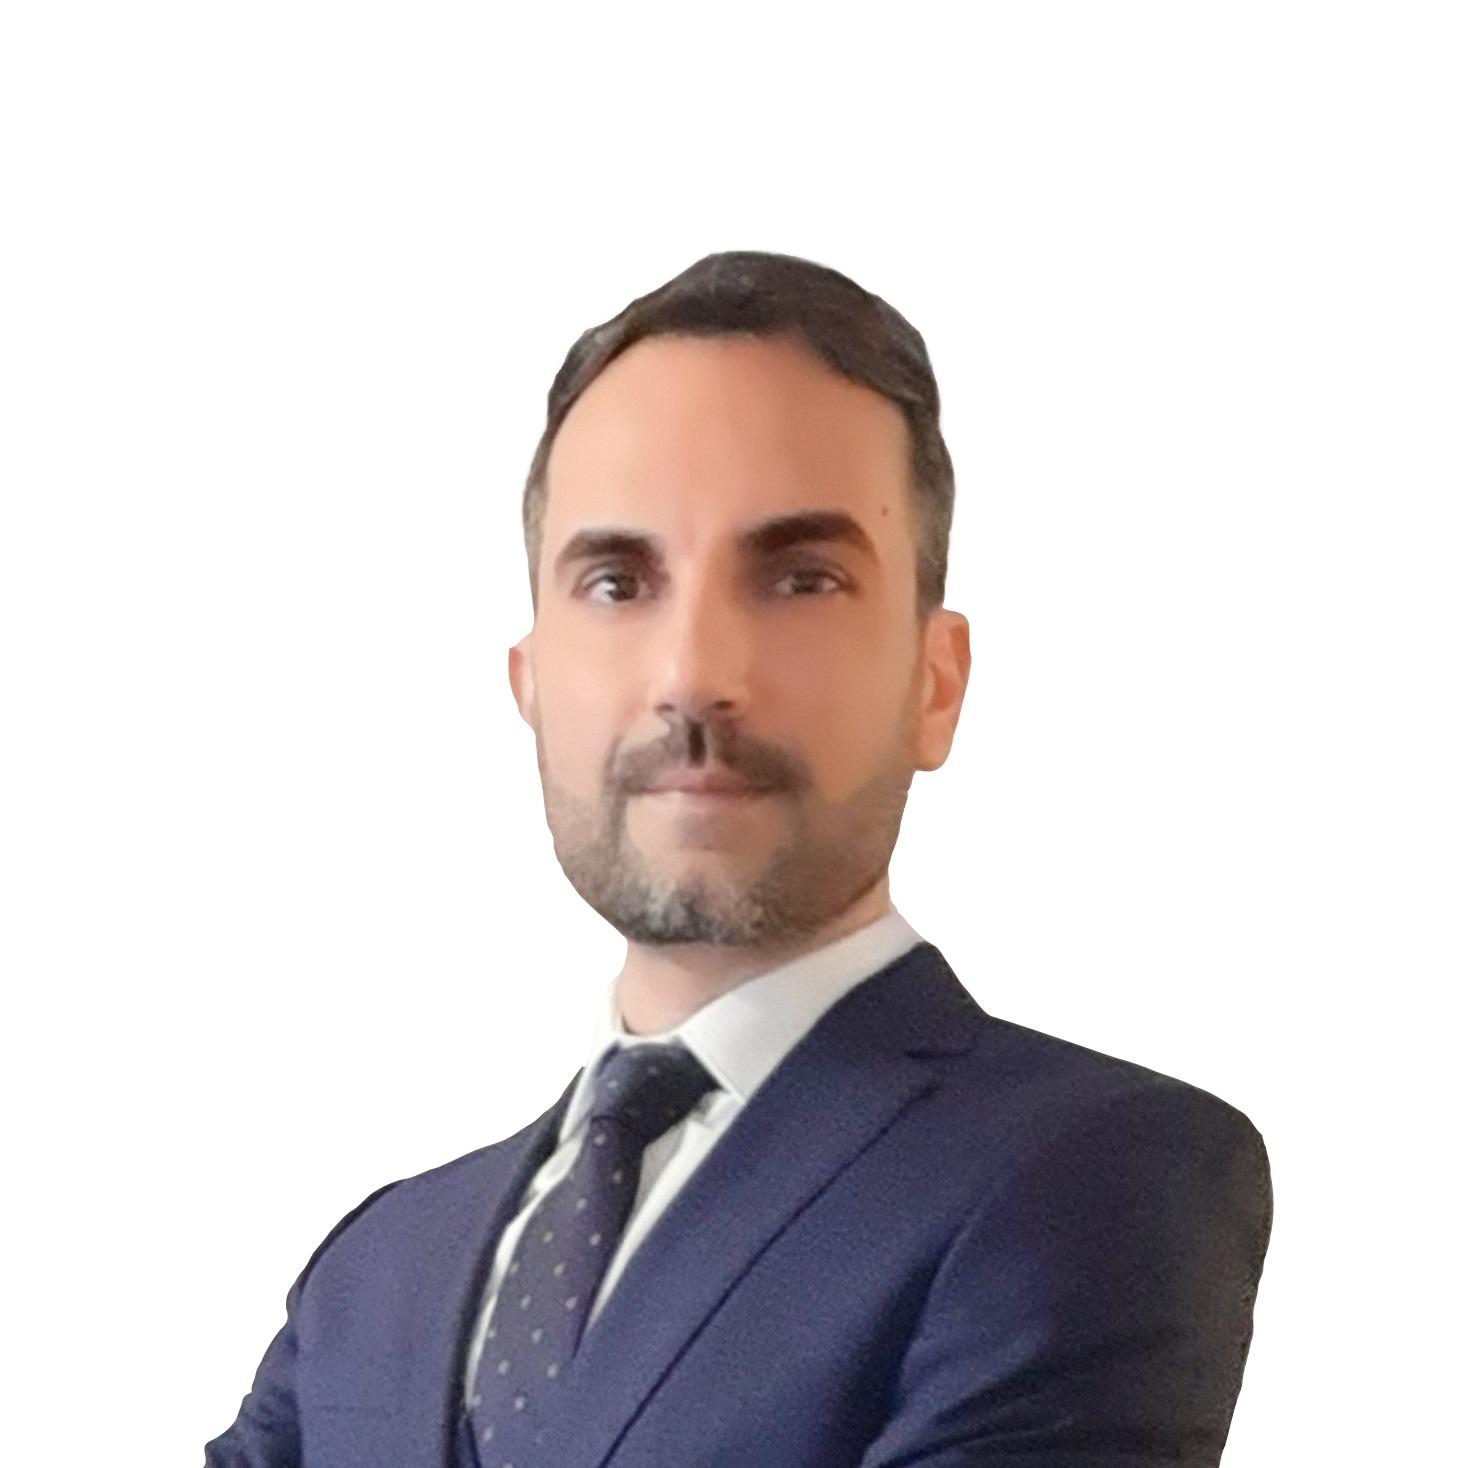 Dr. Hamoon Khelghat-Doost